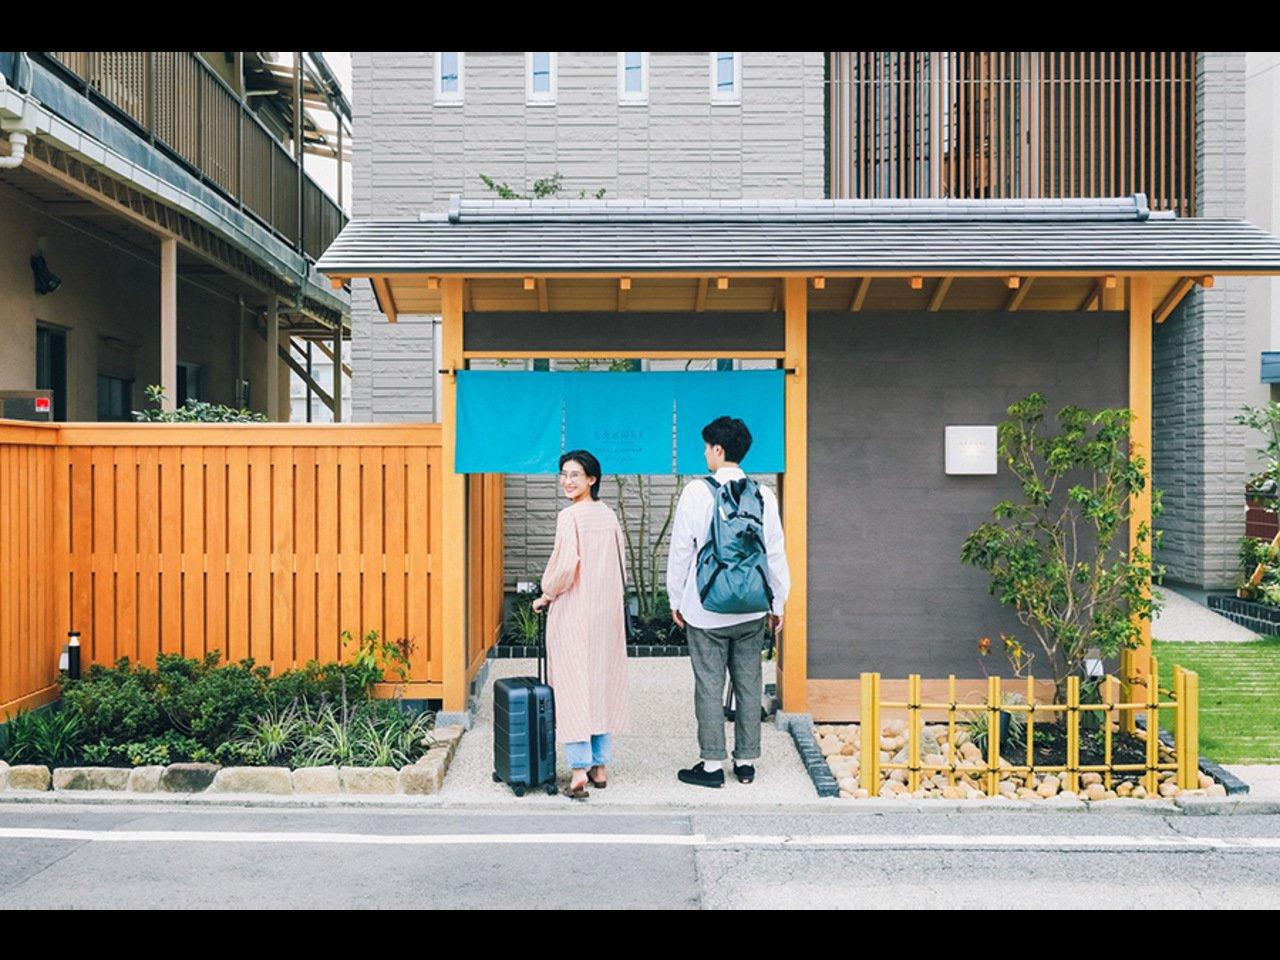 「暮らす」ように泊まる、移住を視野に広島に馴染む旅のお手伝いを!「移住サポートプロジェクト」